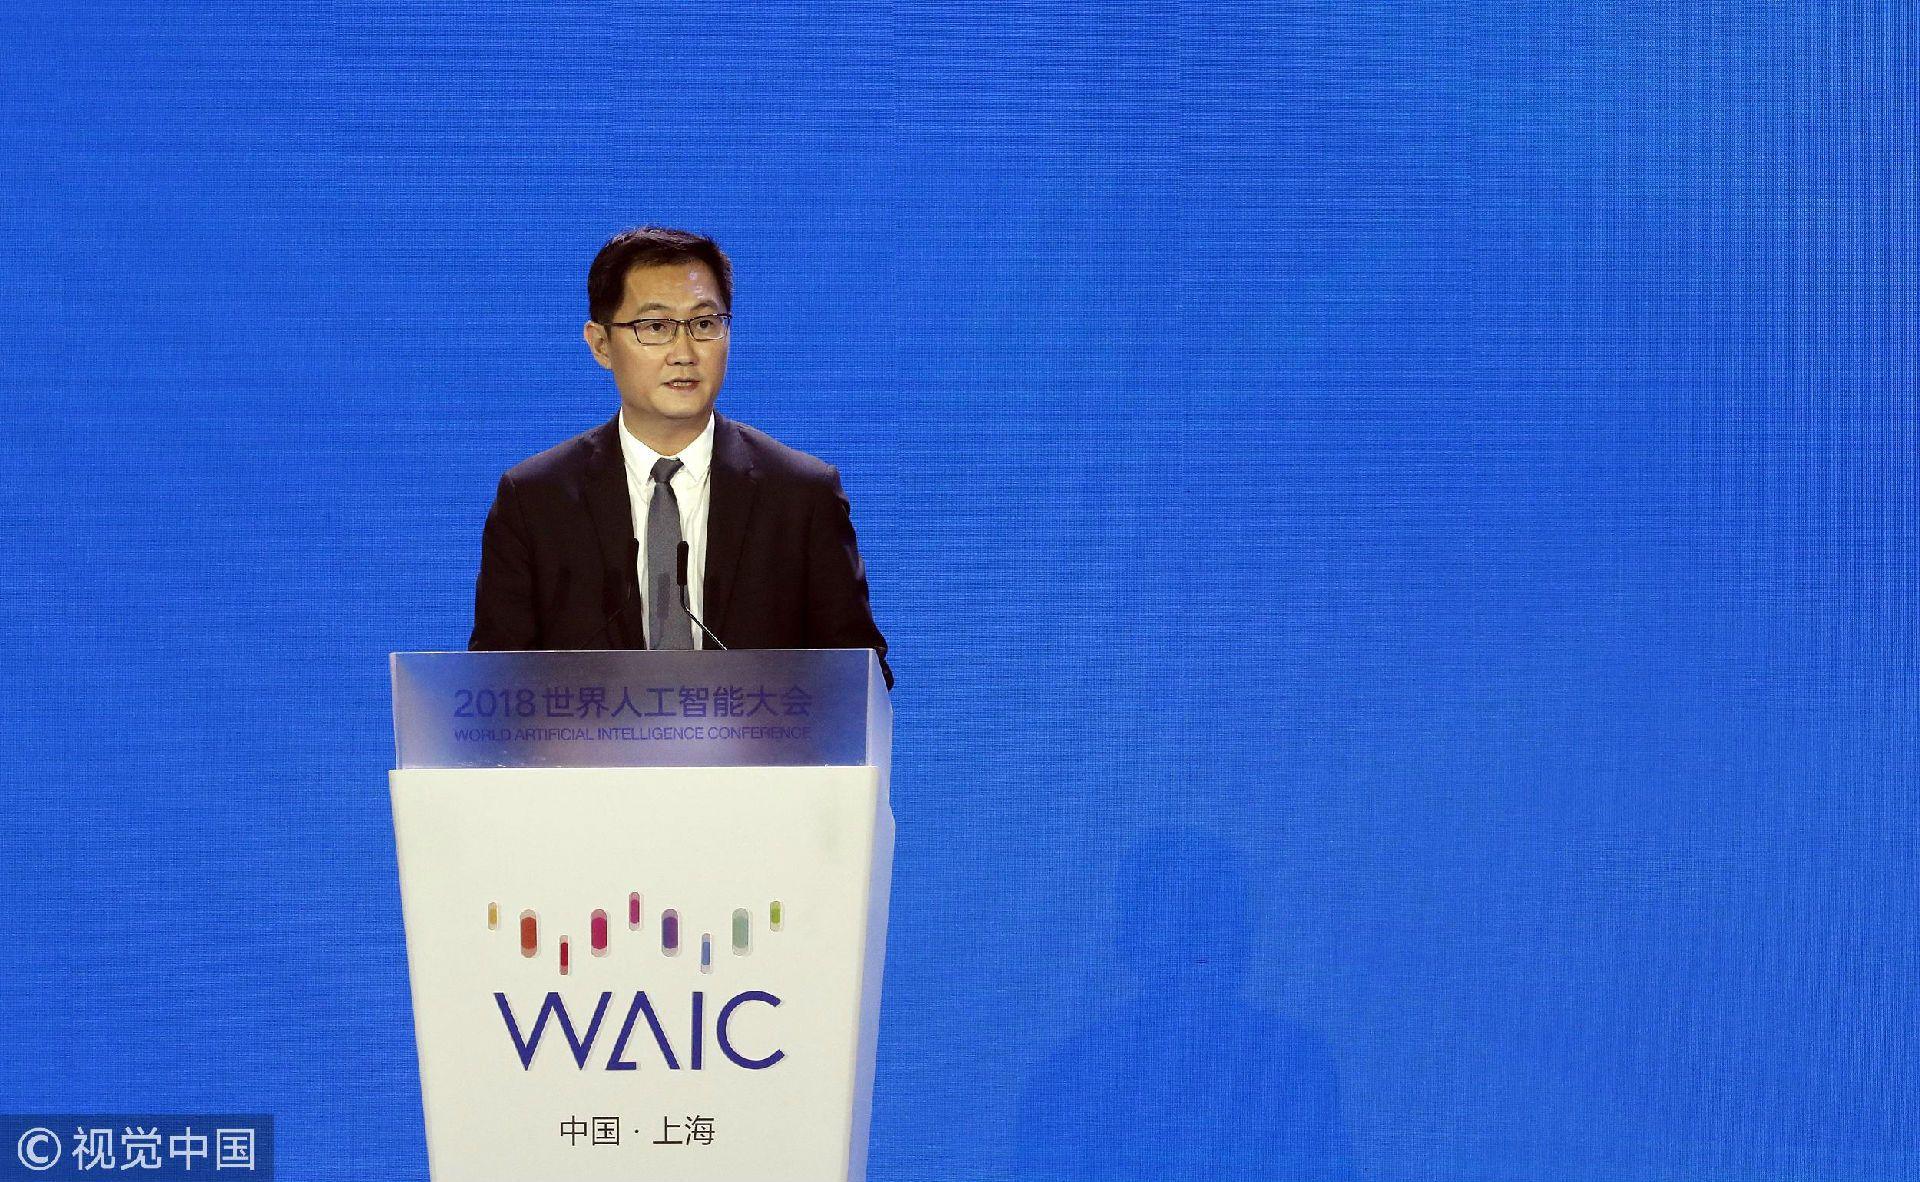 马化腾:腾讯部署AI医疗市场集中在两个方面